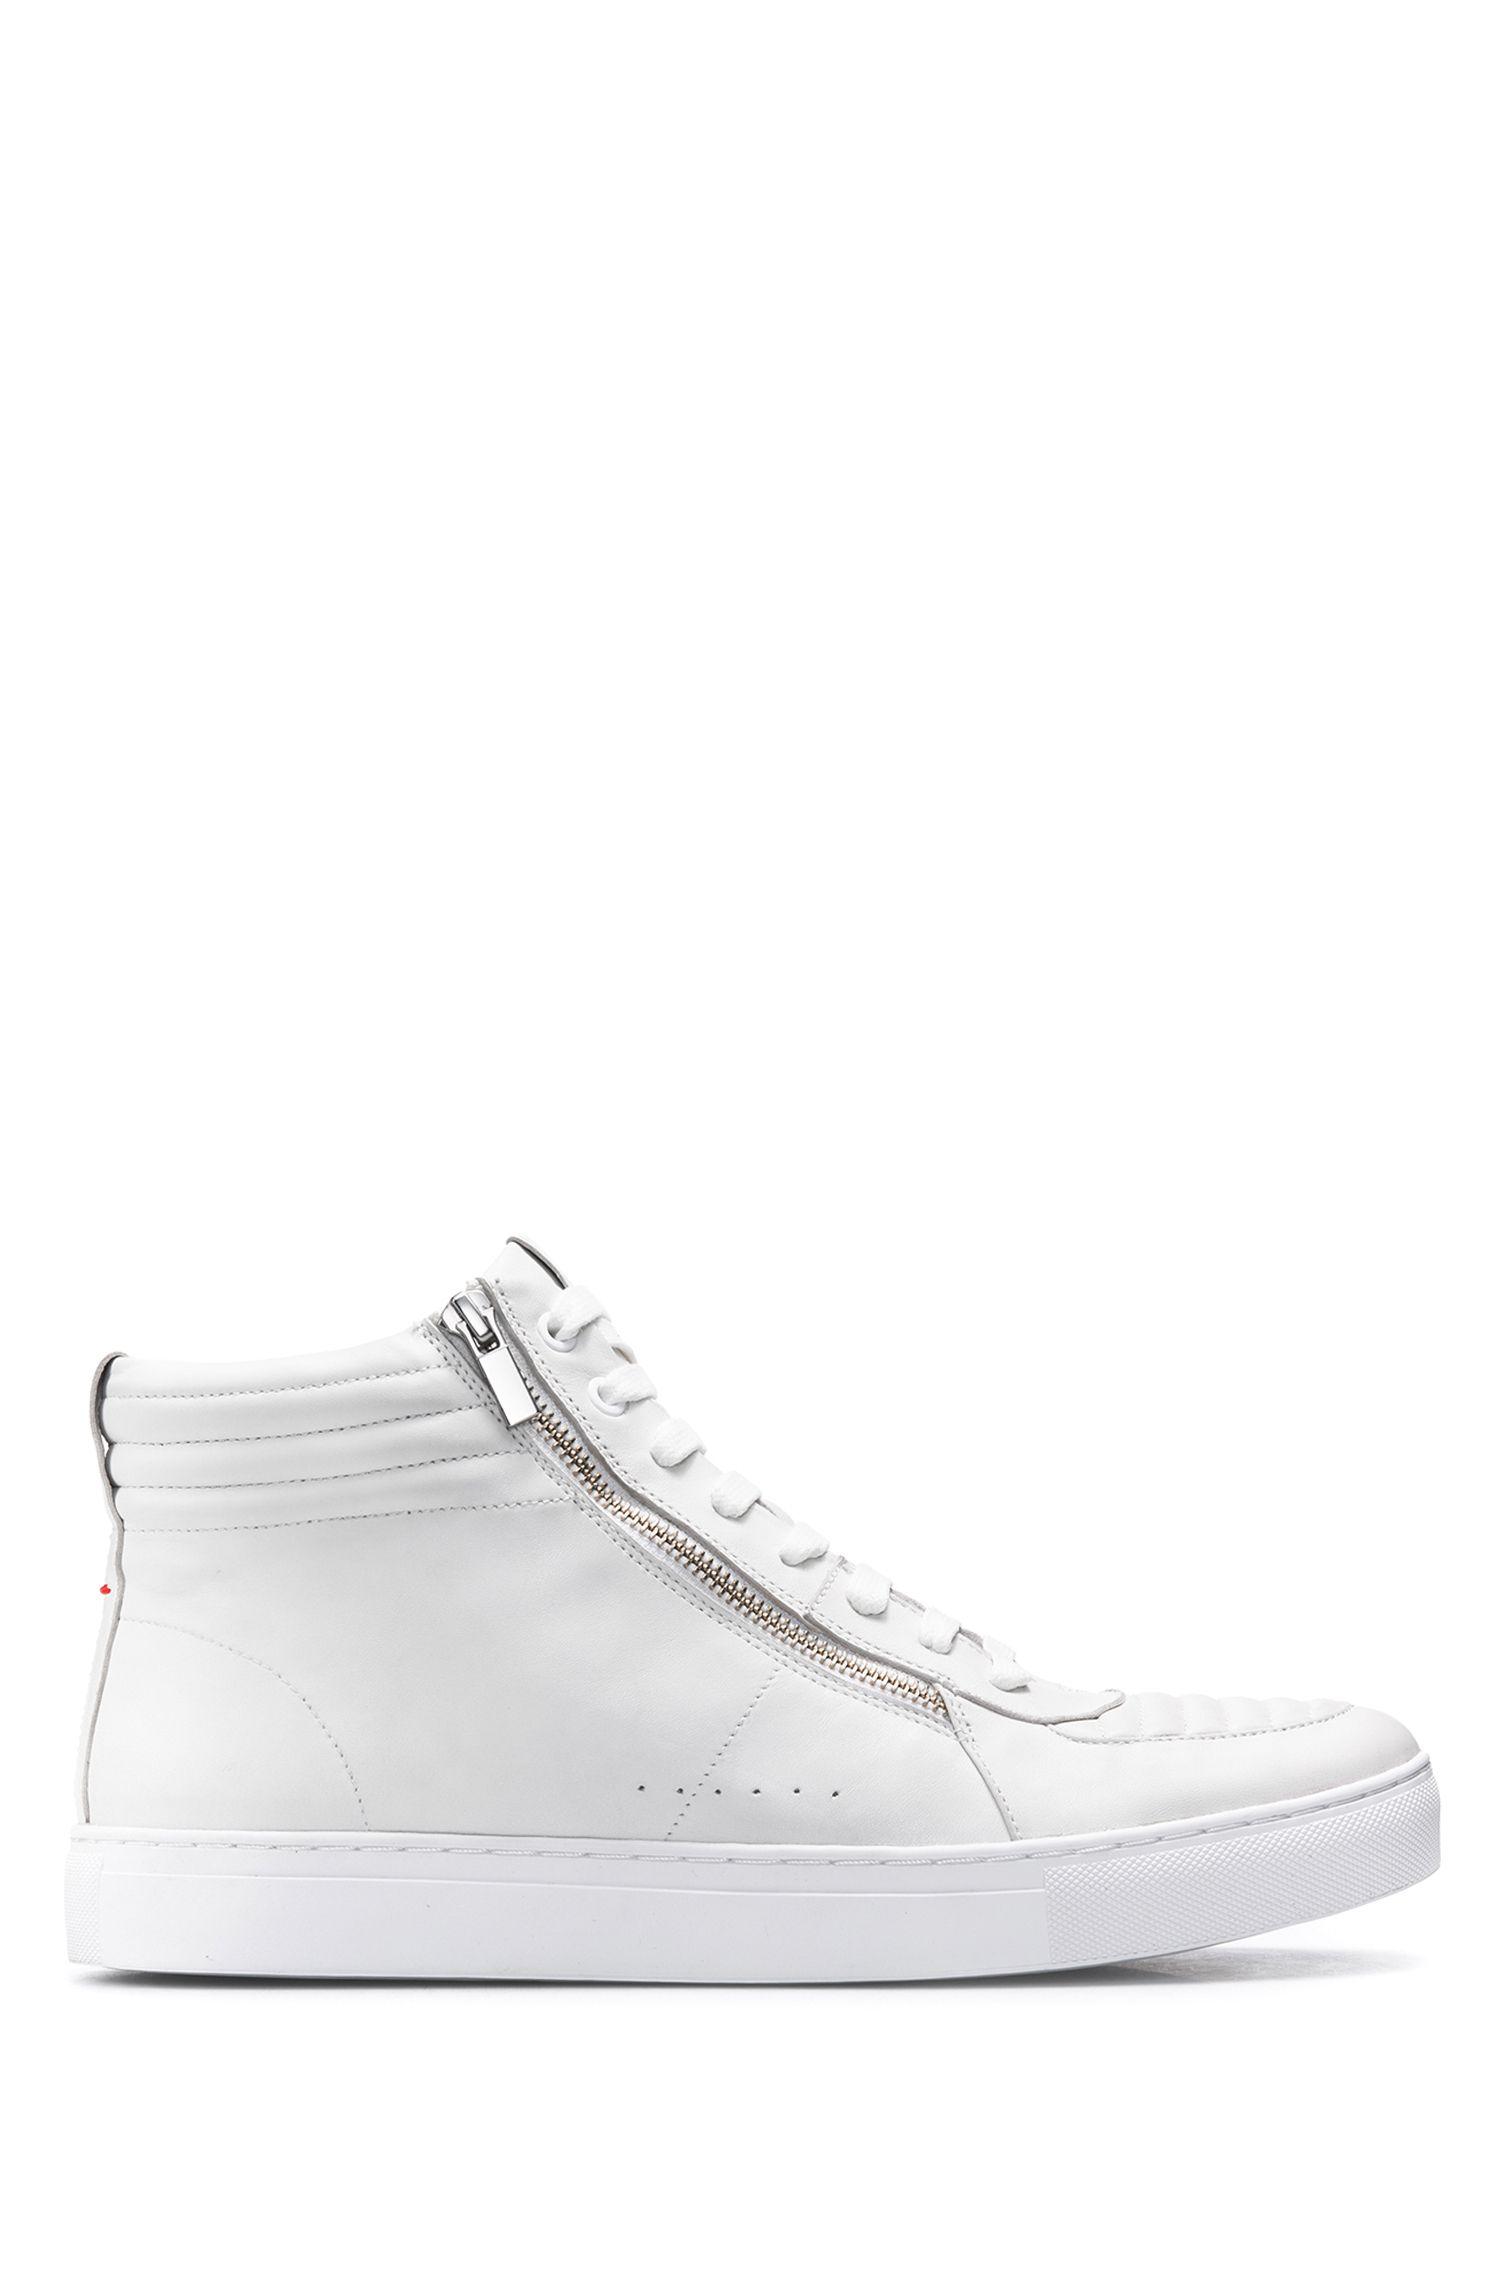 Hightop Sneakers aus Leder mit Absteppungen, Weiß